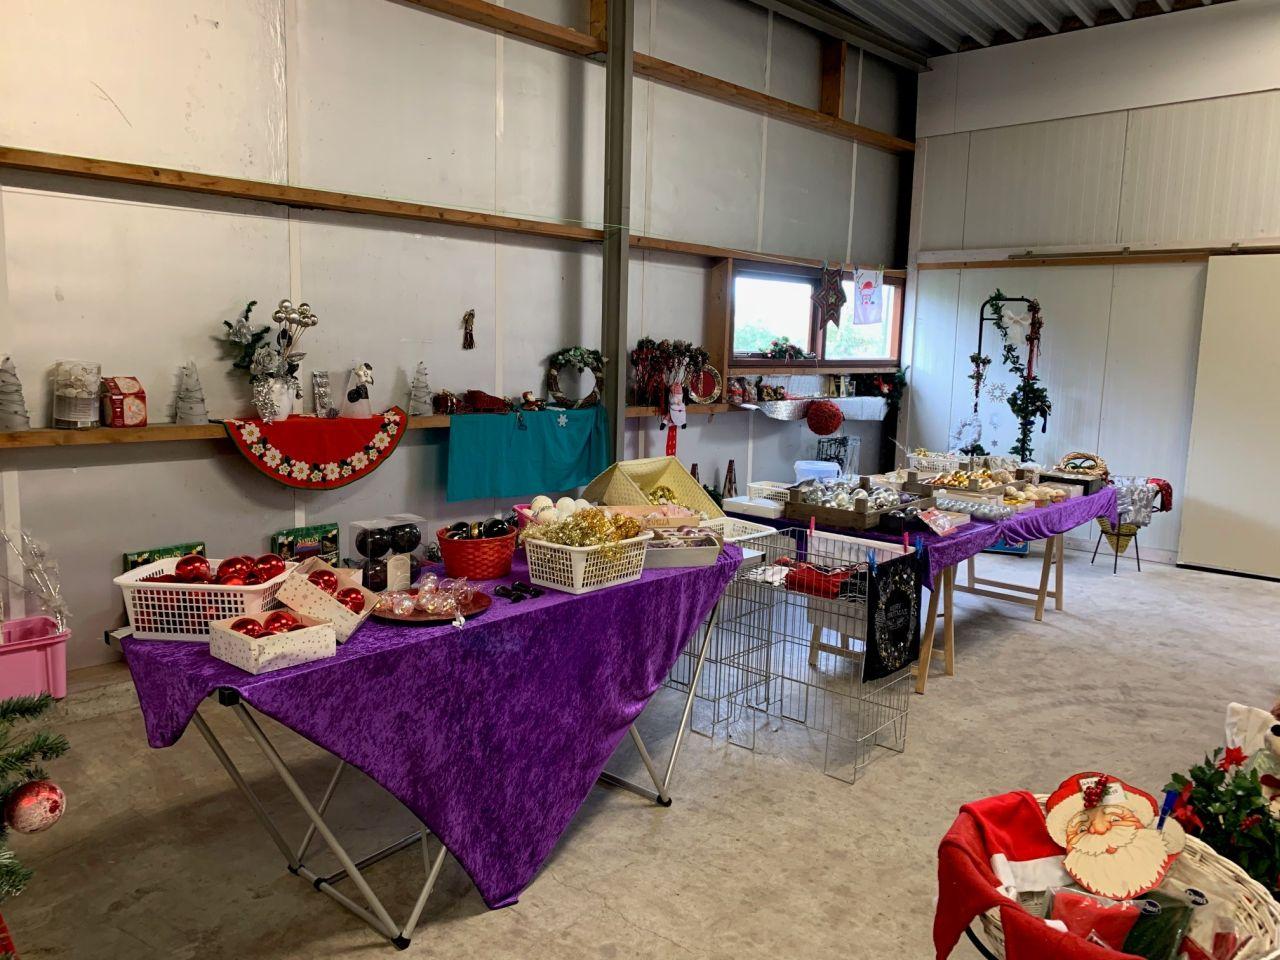 Grote kerst garageverkoop Benningbroek | Medemblik Actueel. - Medemblik Actueel